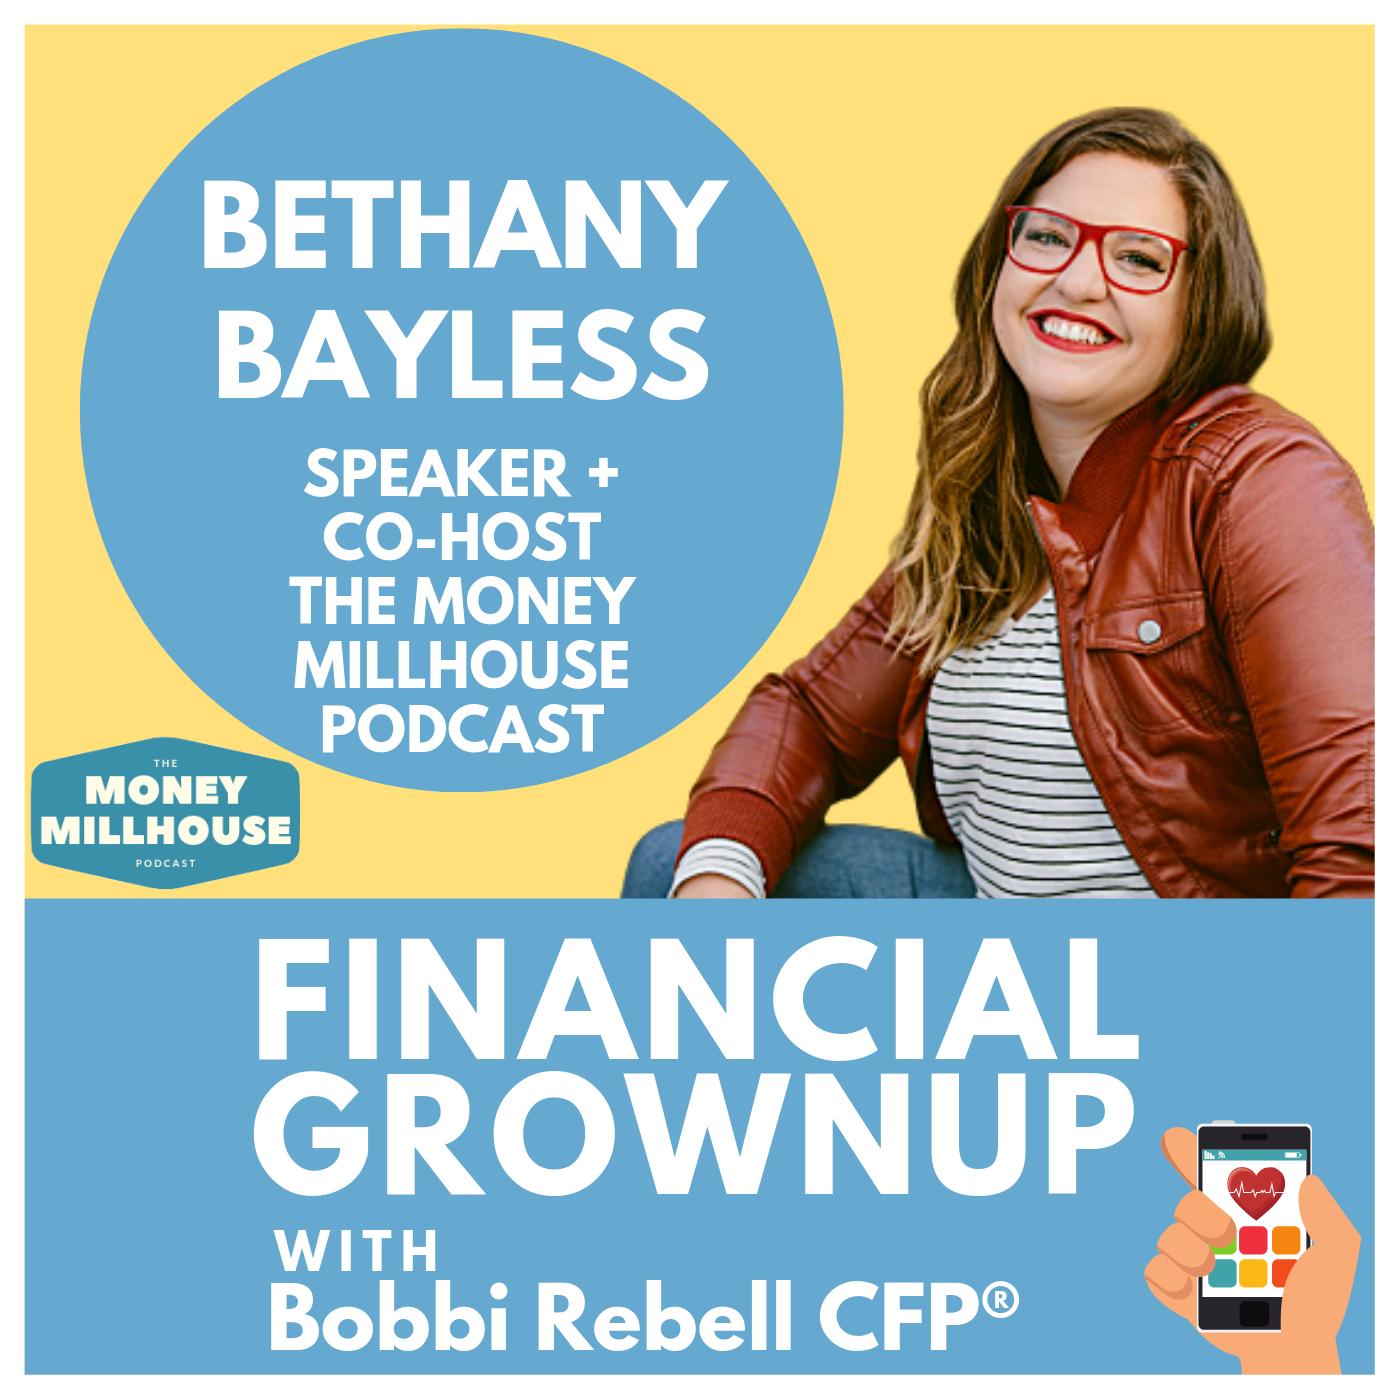 Bethany Bayless Instagram